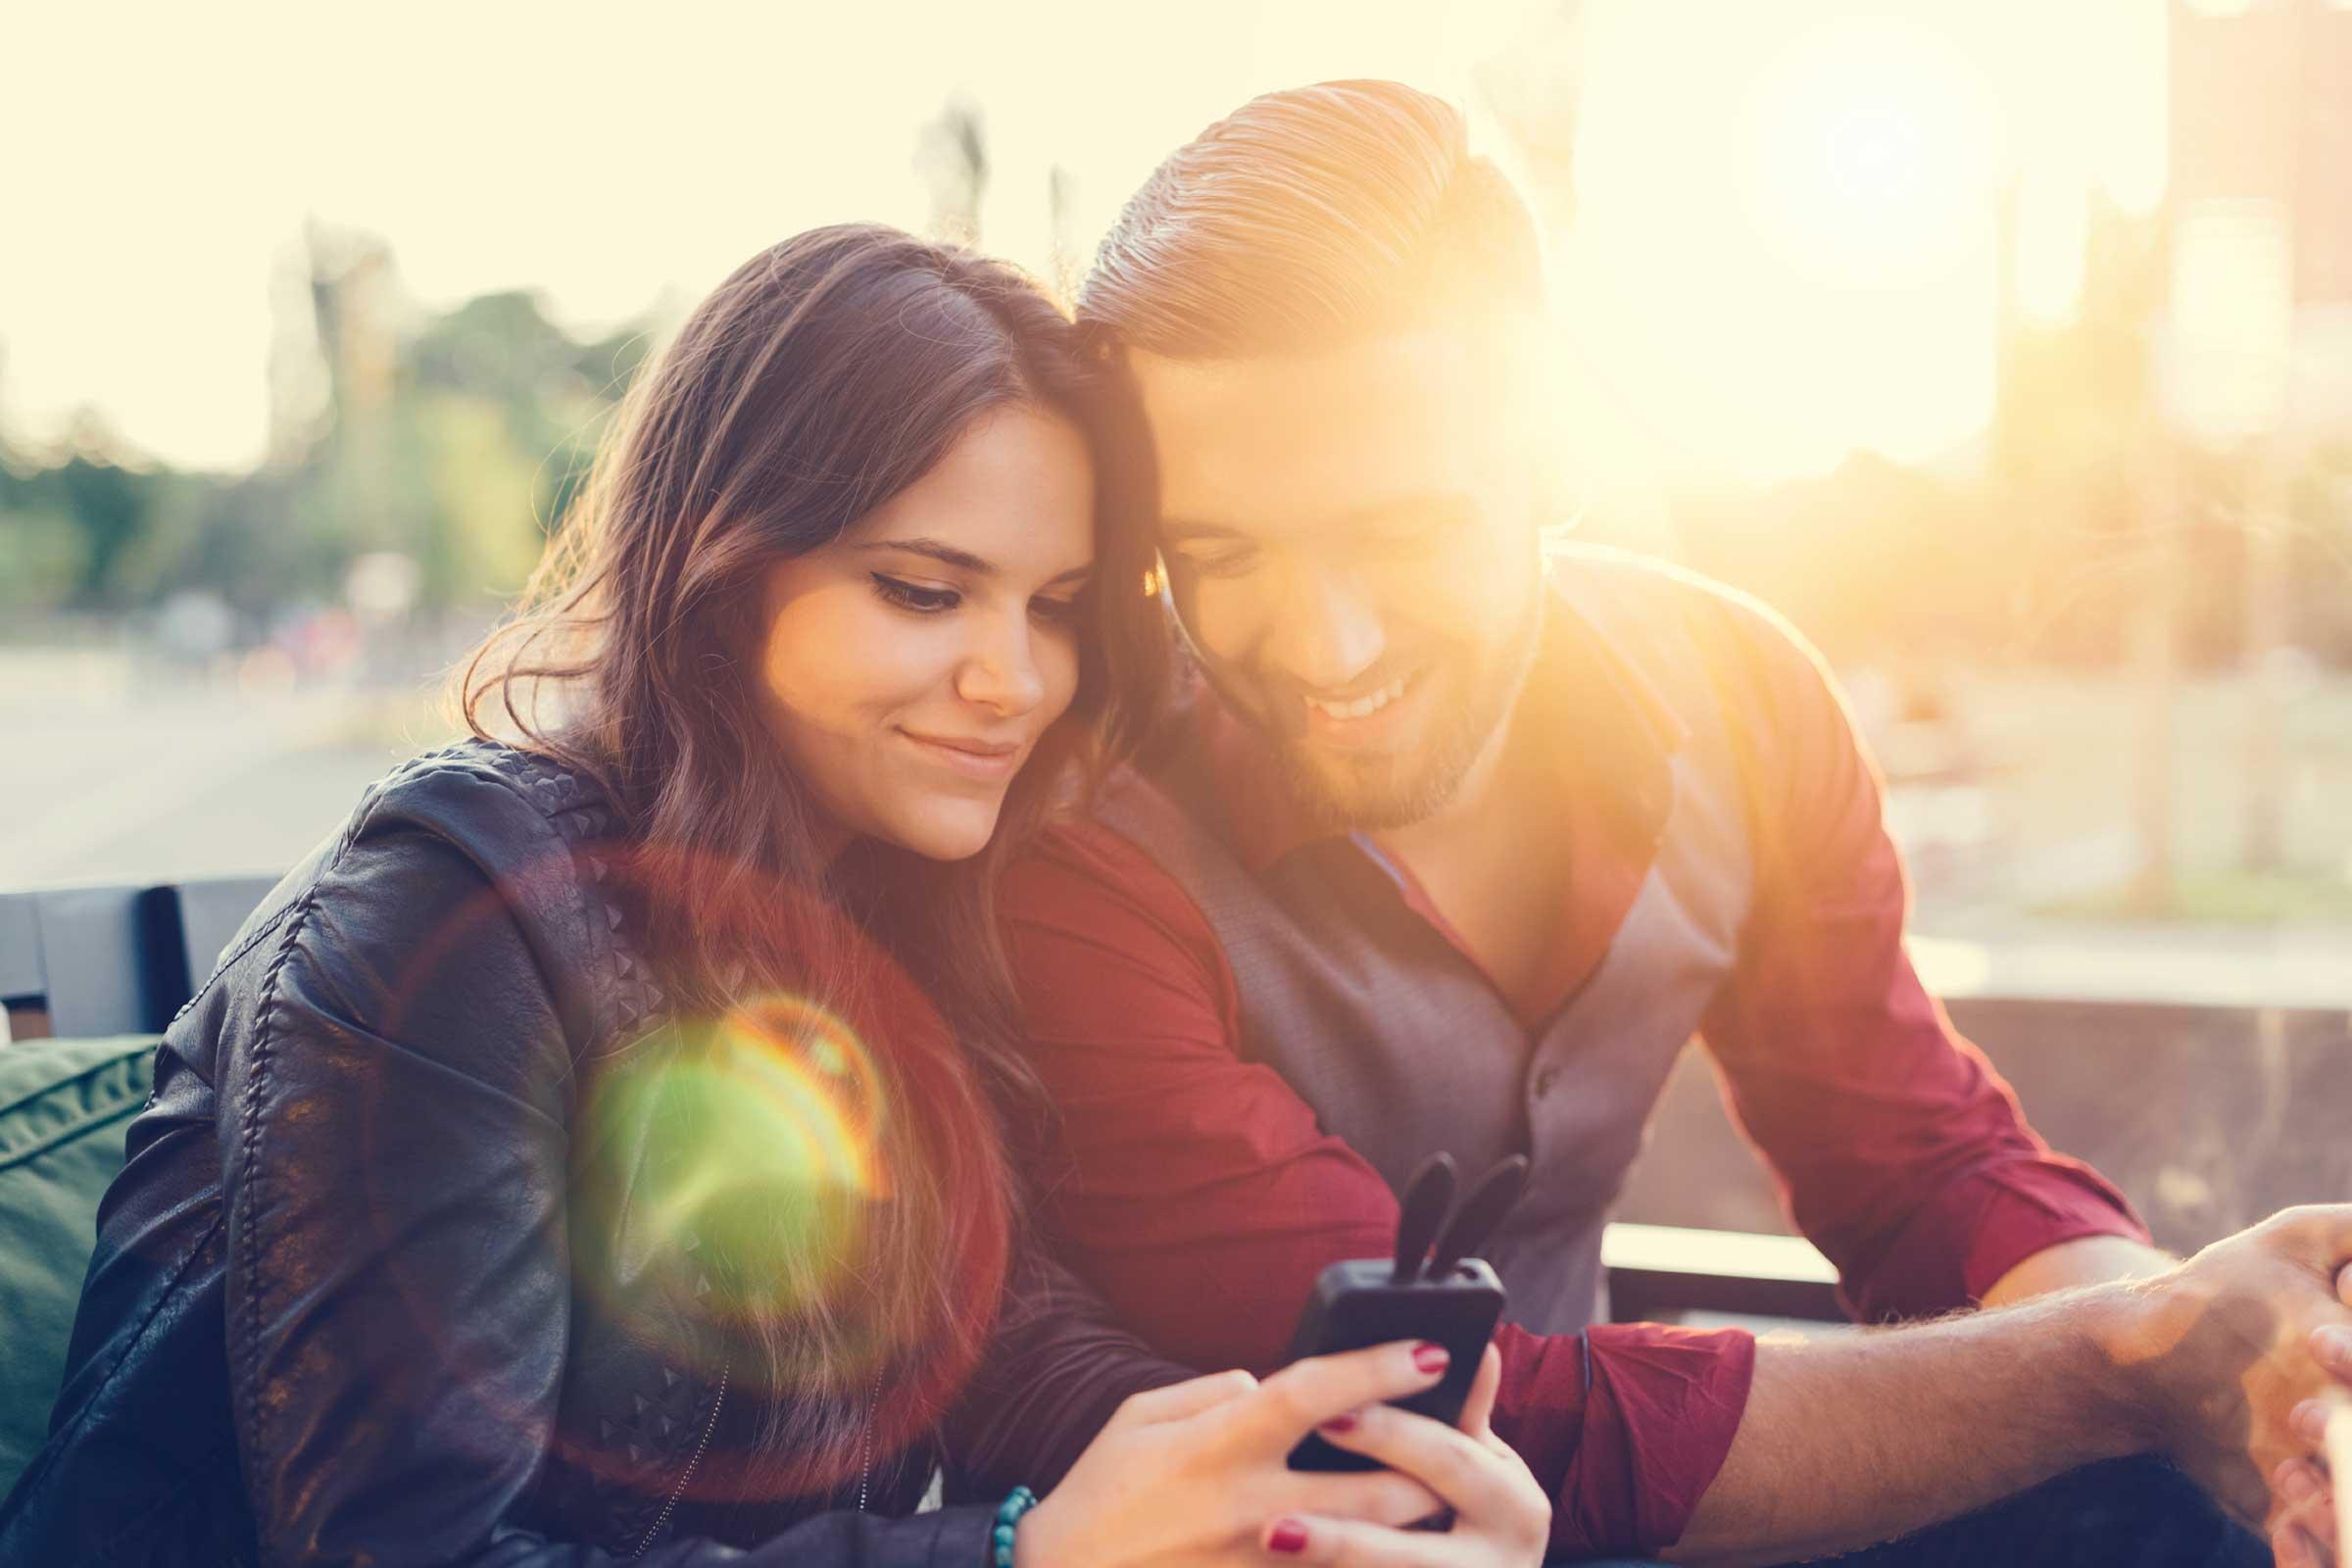 10ا صفات لو وجدت فى زوجك المستقبلى  لن تملى ابدا حبه